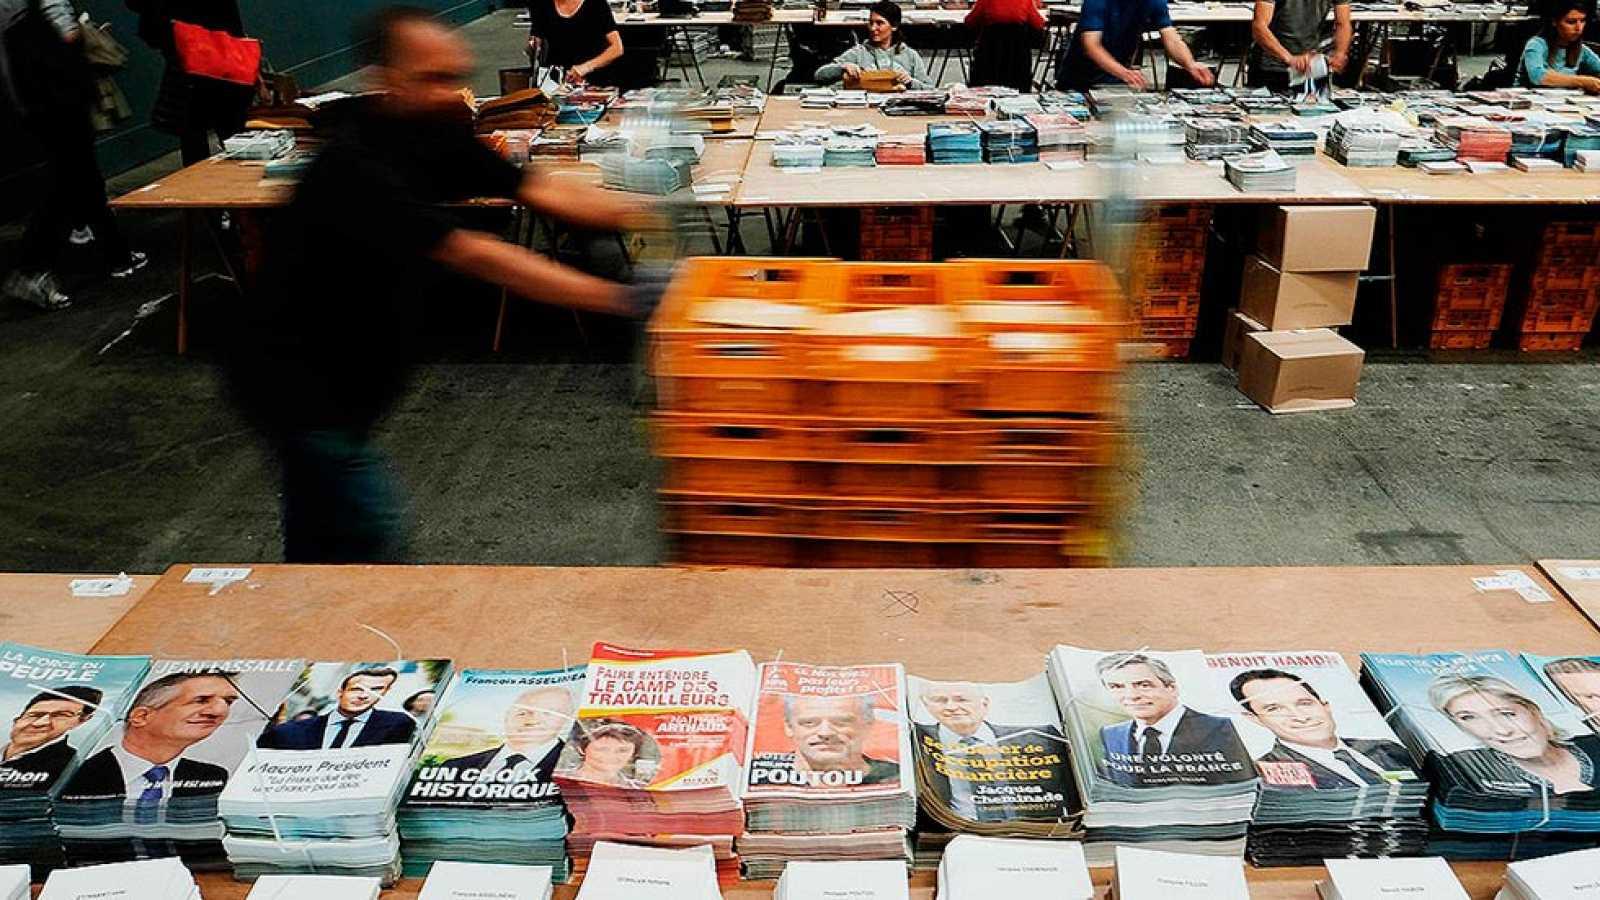 Los principales candidatos a la presidencia de Francia exhiben sus diferencias en sus programas electorales